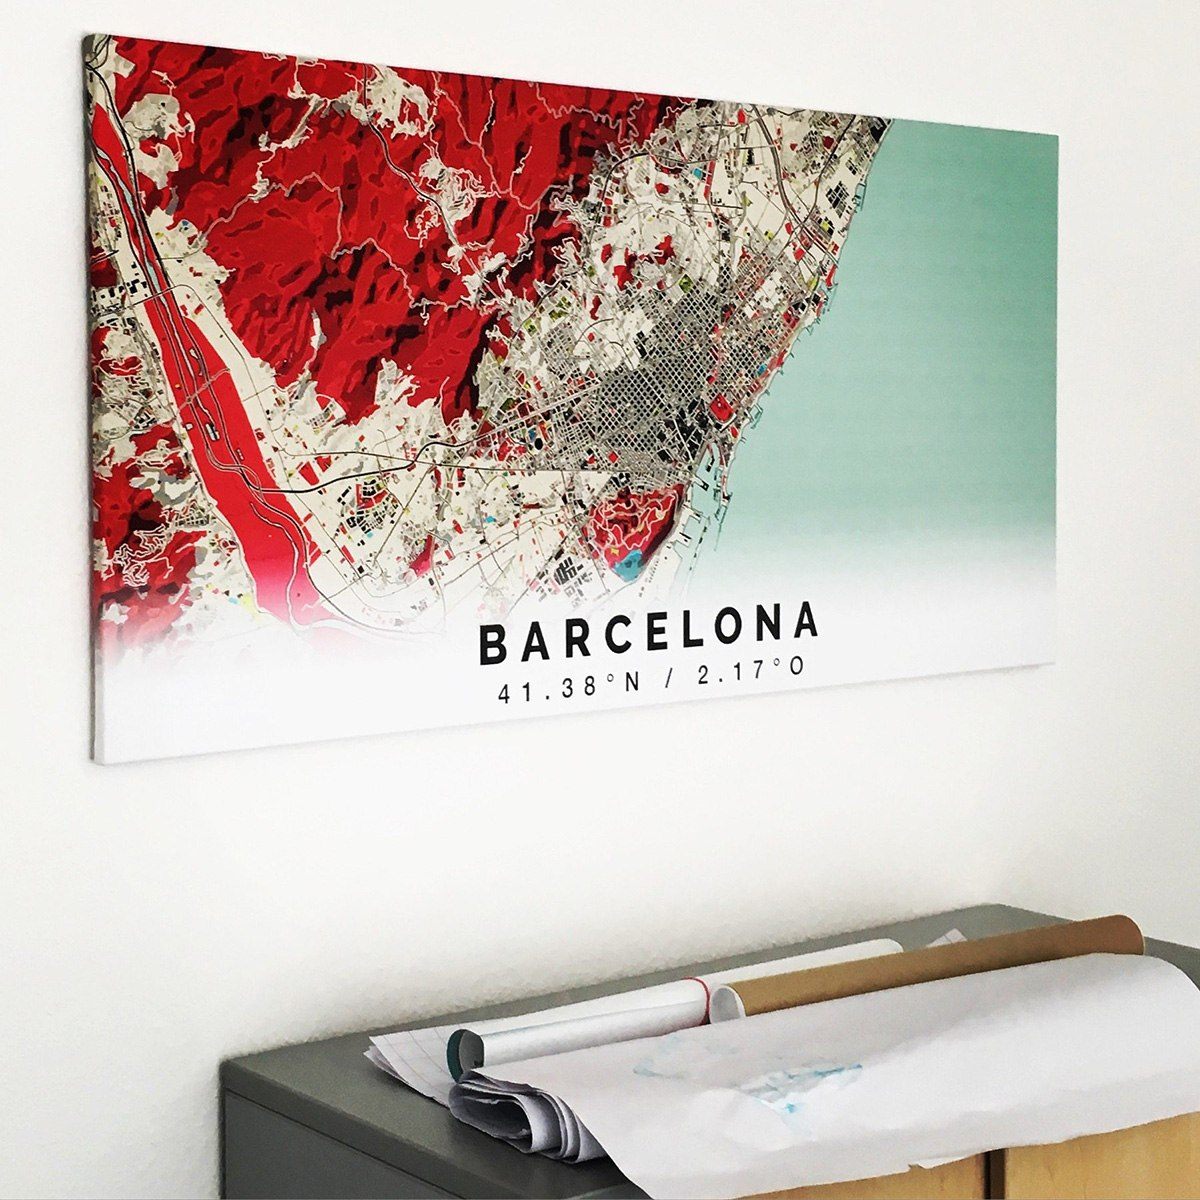 Stadtplan Barcelona im Stil Popart in einem Büro